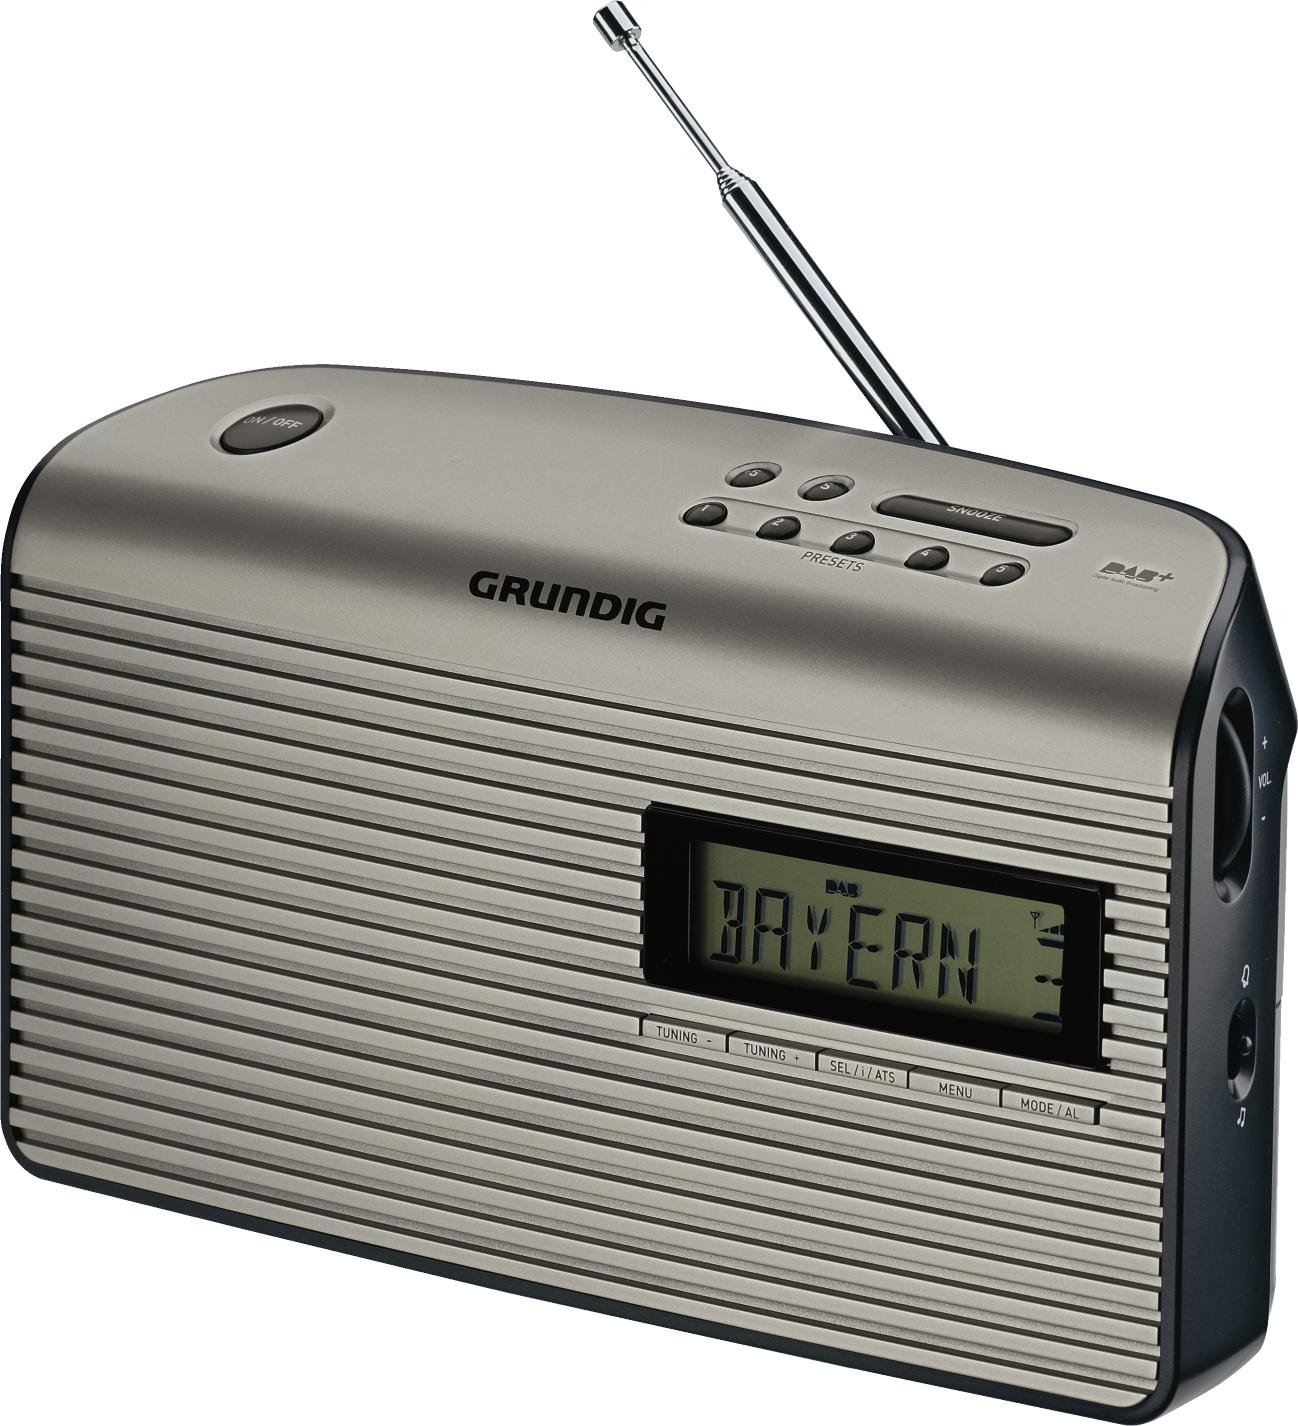 GRUNDIG MUSICBP7000DABB - Radio